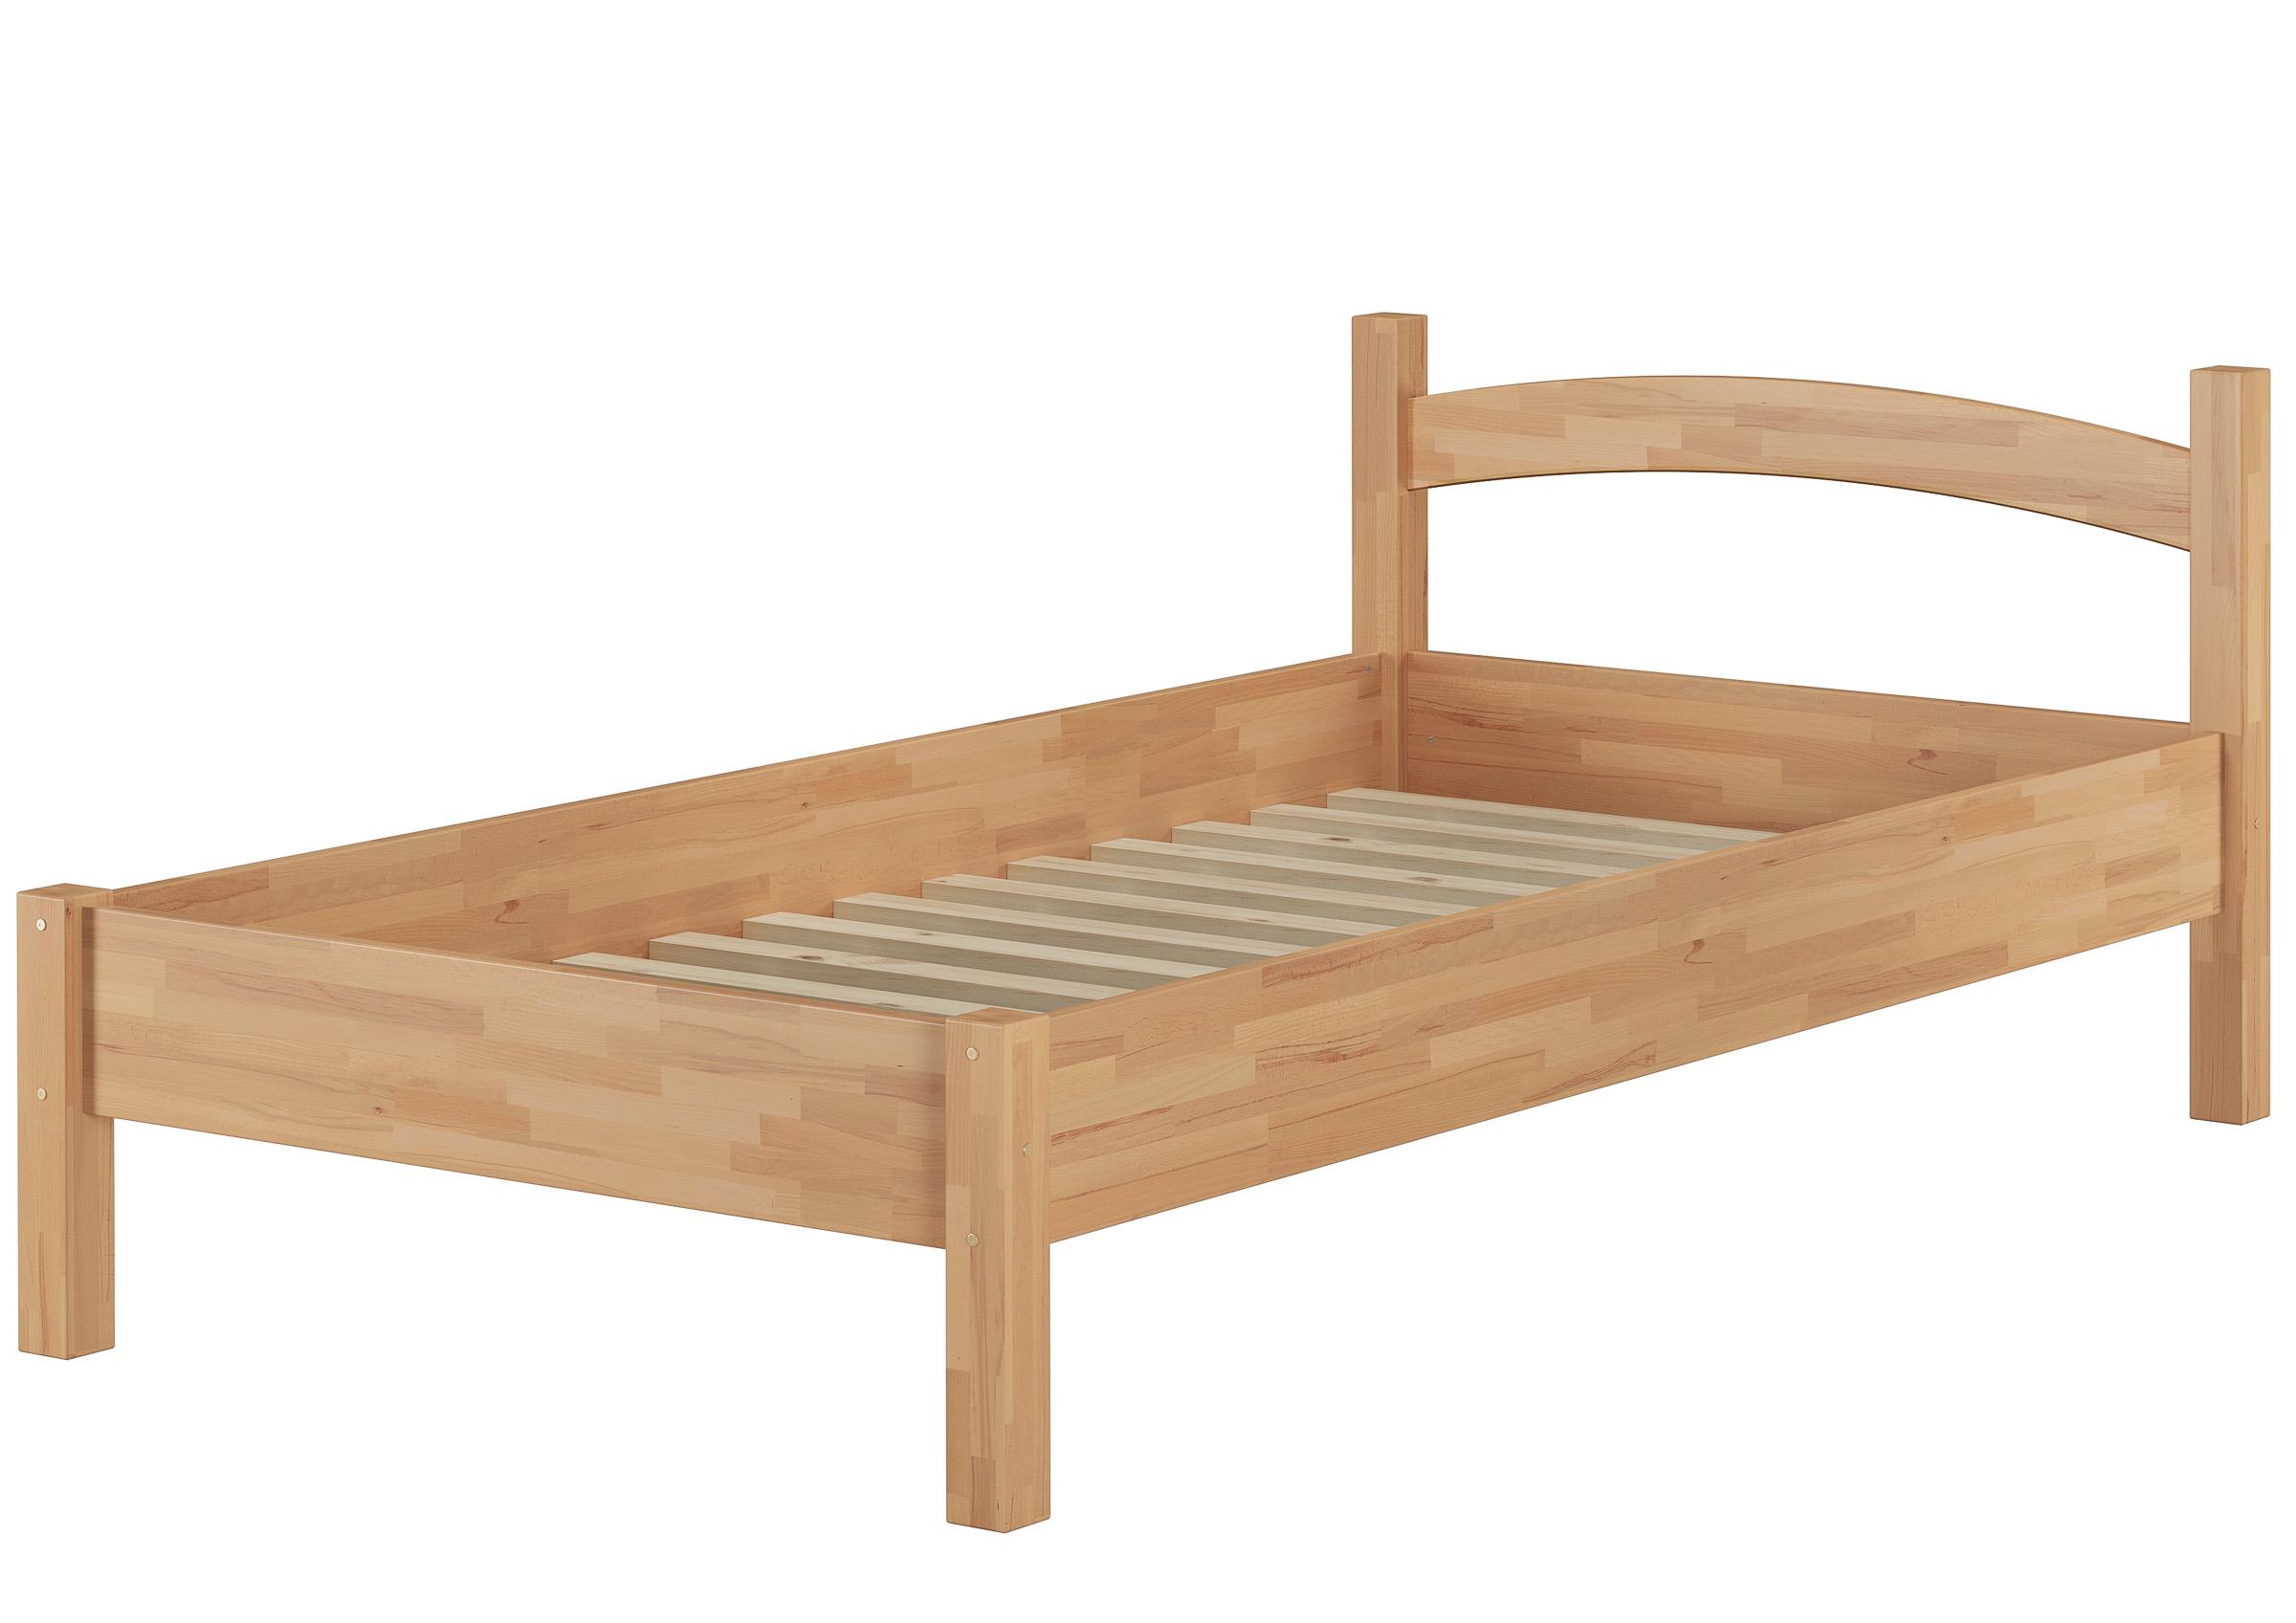 Full Size of Futonbett 100x200 Massivholzbett Holzbett Buche Natur Real Betten Bett Weiß Wohnzimmer Futonbett 100x200